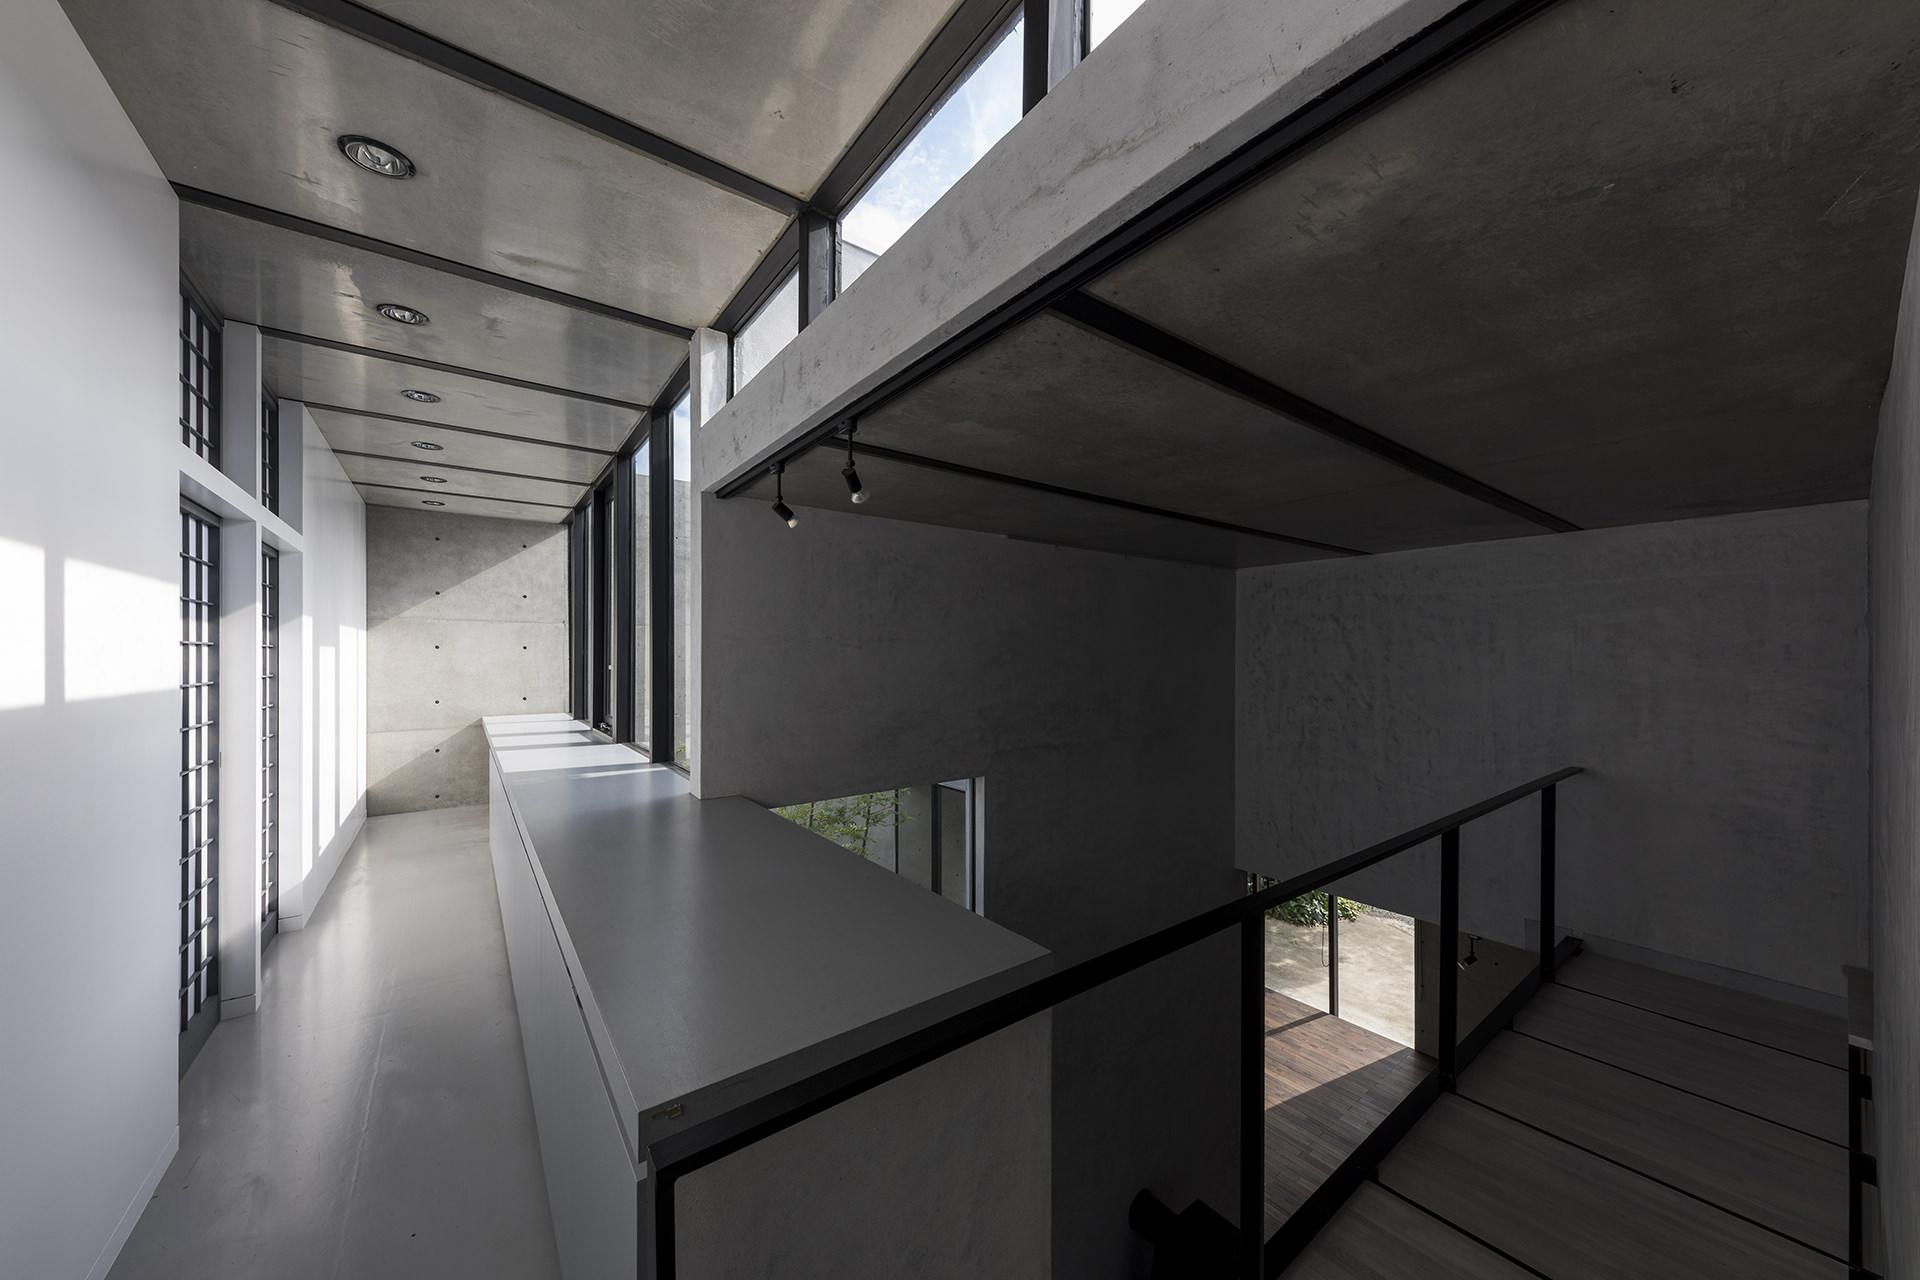 北鎌倉の家 イメージ8 撮影:東涌写真事務所・東涌宏和